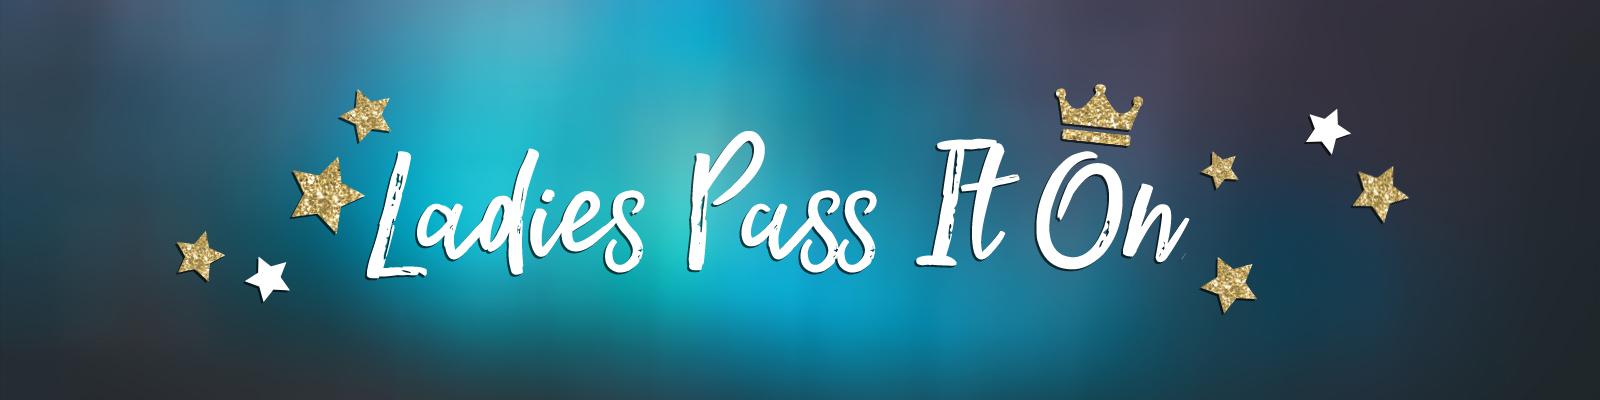 Ladies - Pass it on